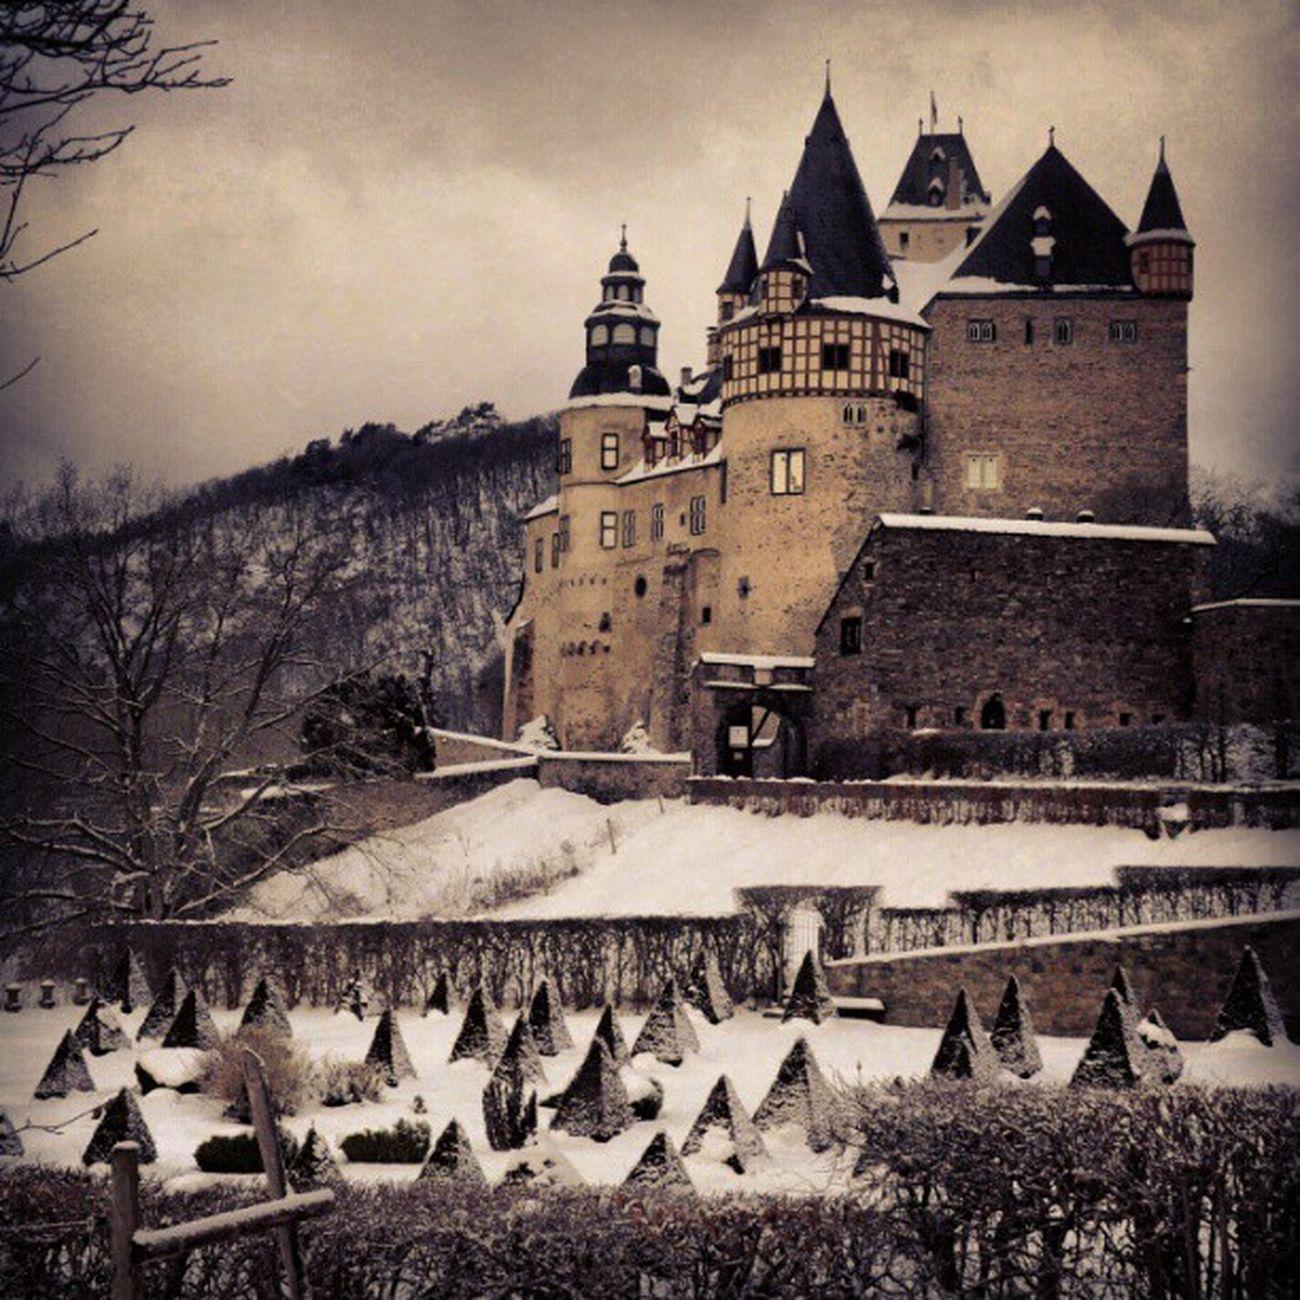 Schloss Bürresheim #igerskoblenz #igersgermany #igersrlp #igerseifel #igers #instajogger #rheinstagram #Weather #Snow #Schnee #Winter #Wonderland Weather Winter Snow Schnee Wonderland Igers Igersgermany Rheinstagram Igerskoblenz Igersrlp Igerseifel Instajogger